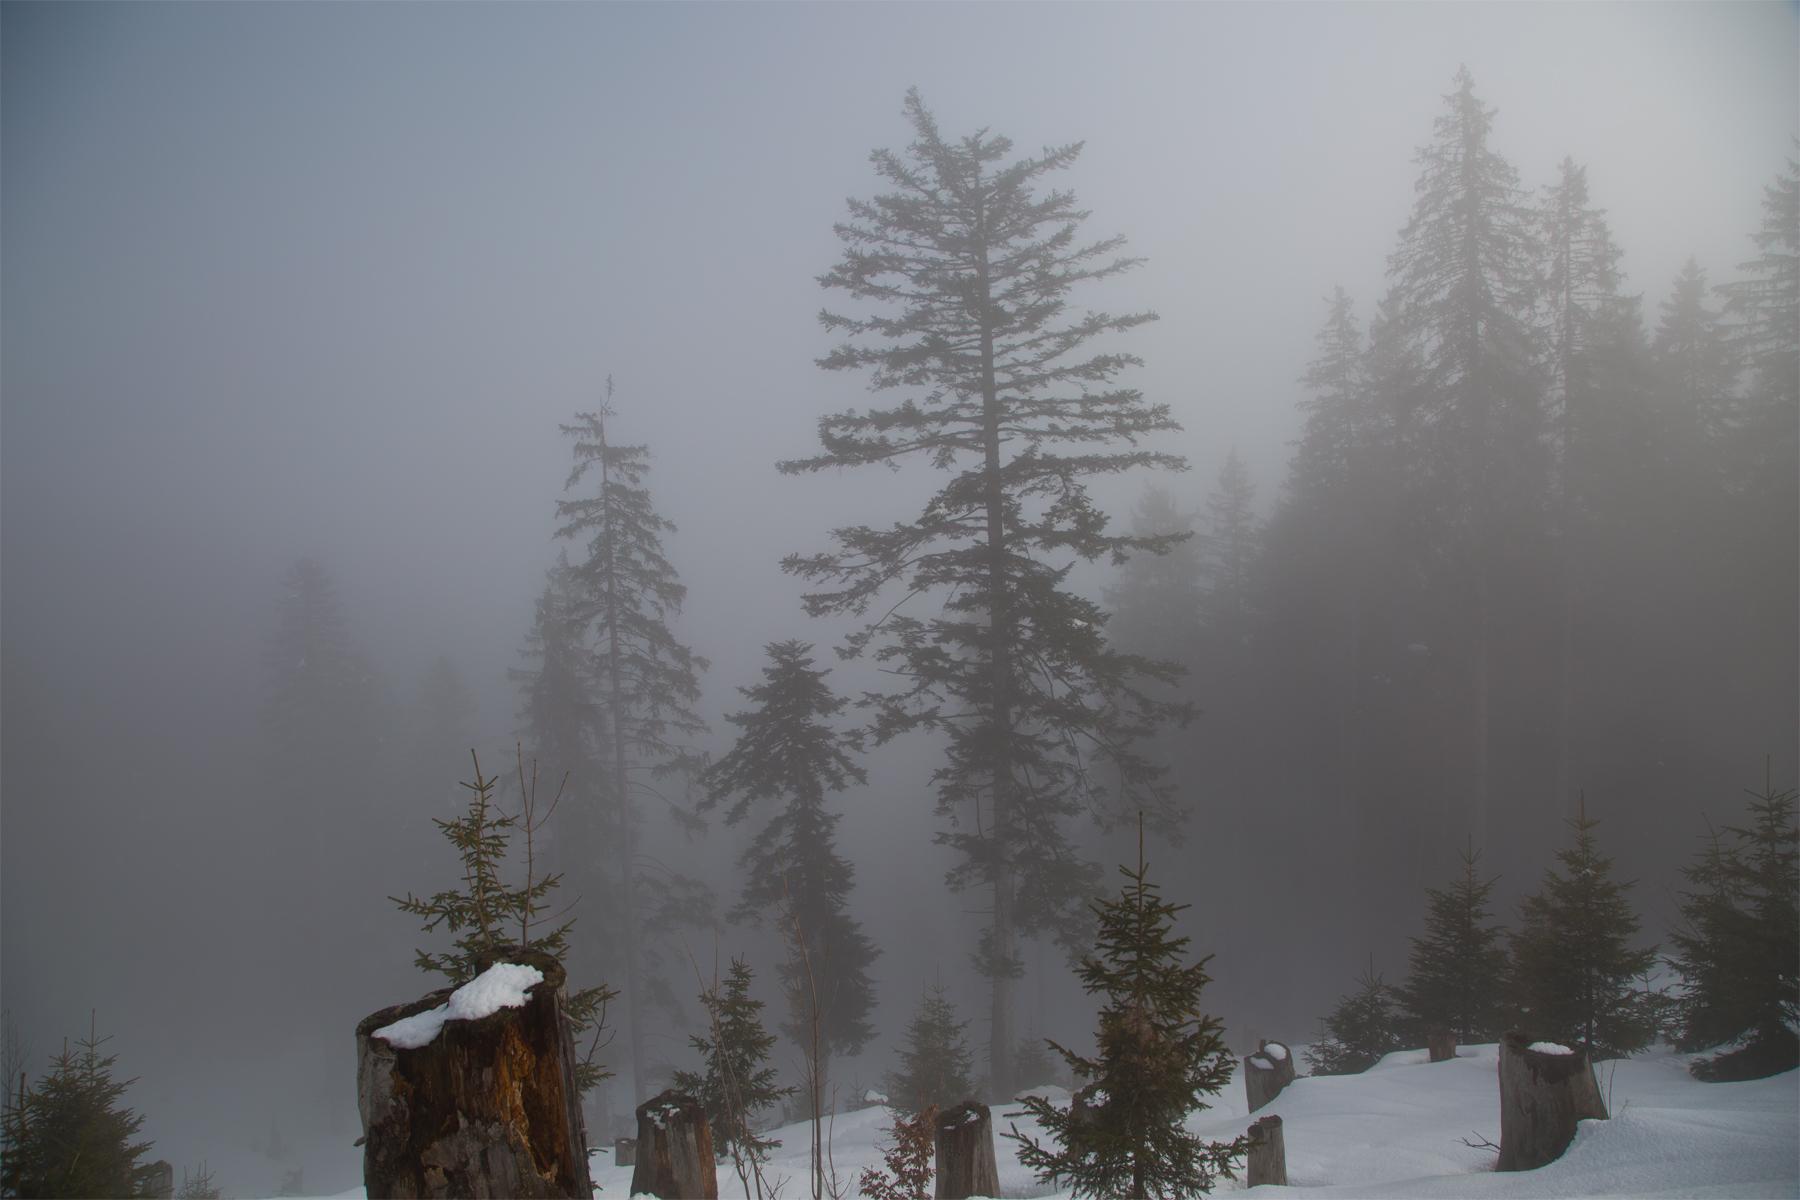 Fichten im Nebel